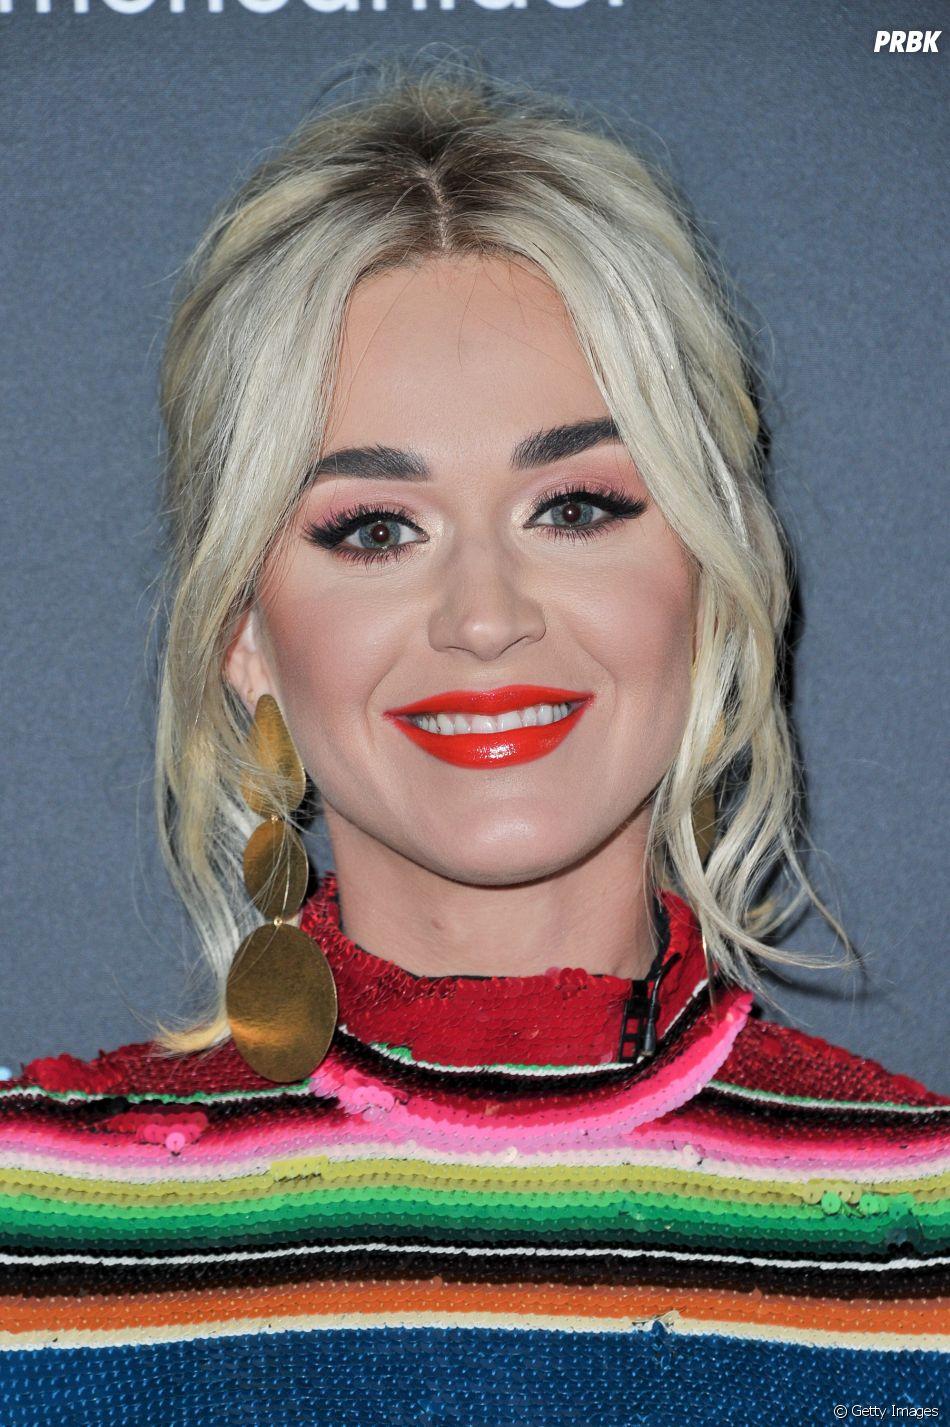 """Caso """"Dark Horse"""": a diva do pop Katy Perry teria feito a cópia da música do rapper Flame"""